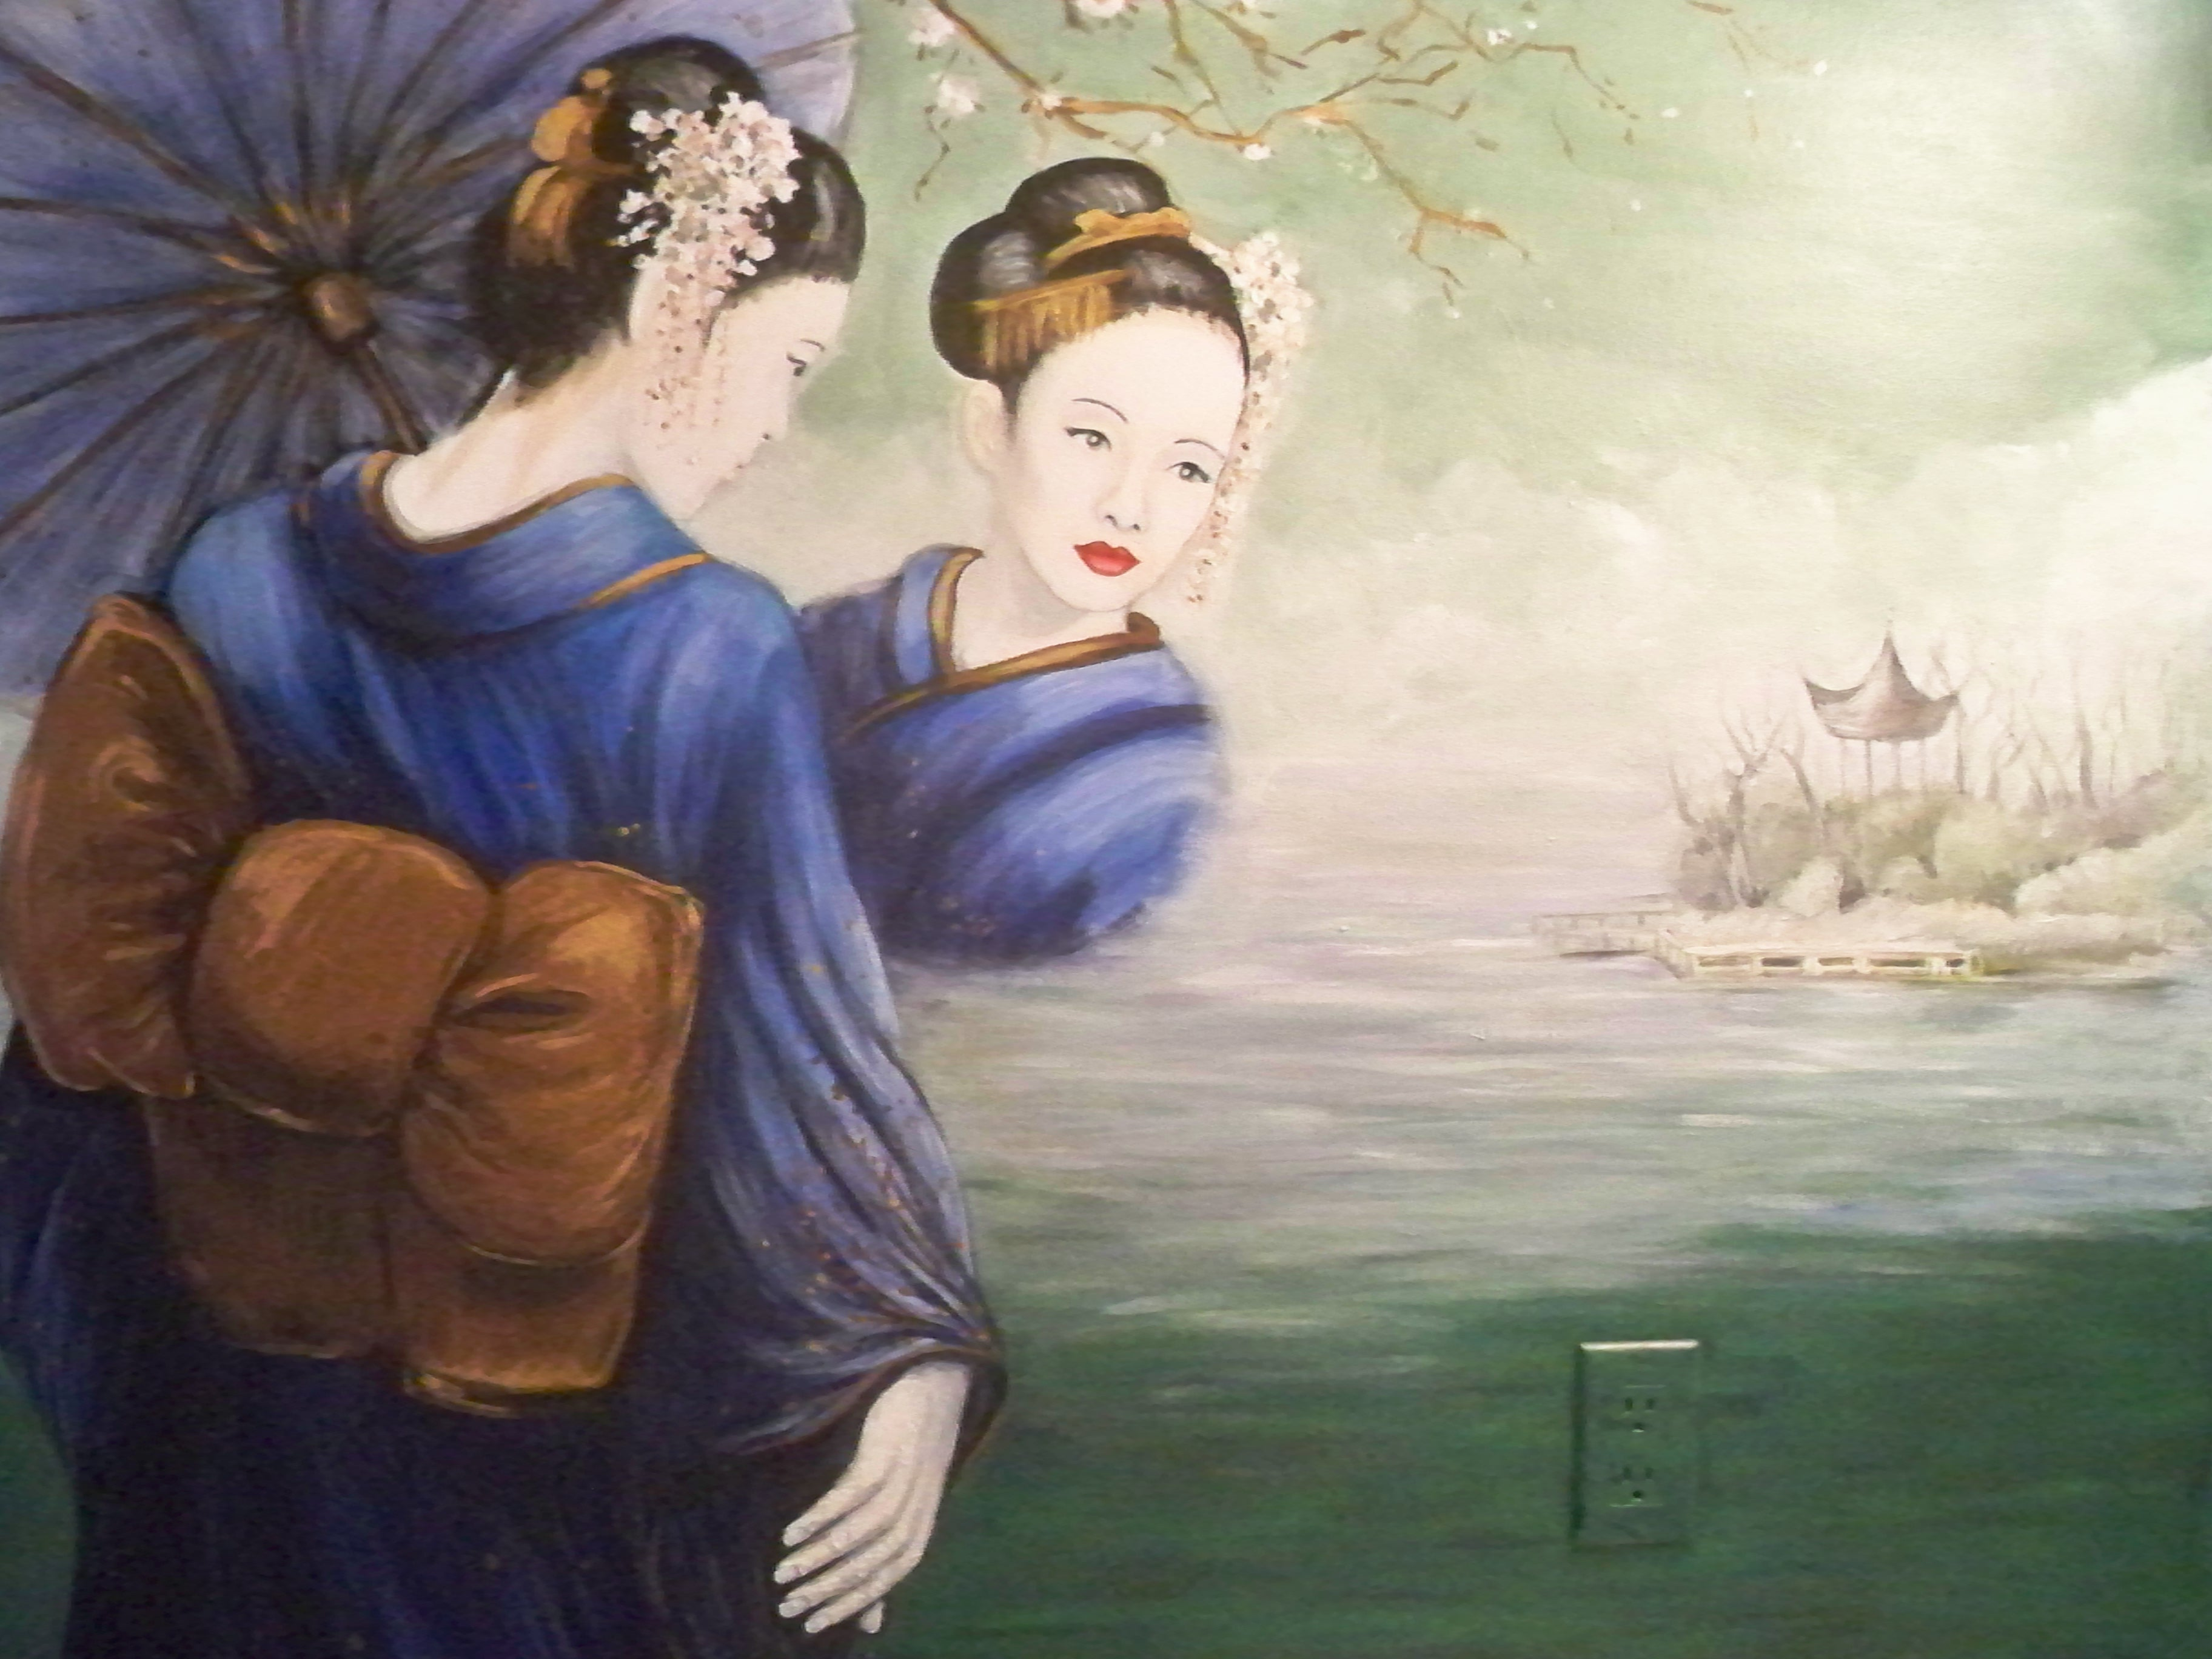 Murals By Marg Geshia Mural 6.JPG